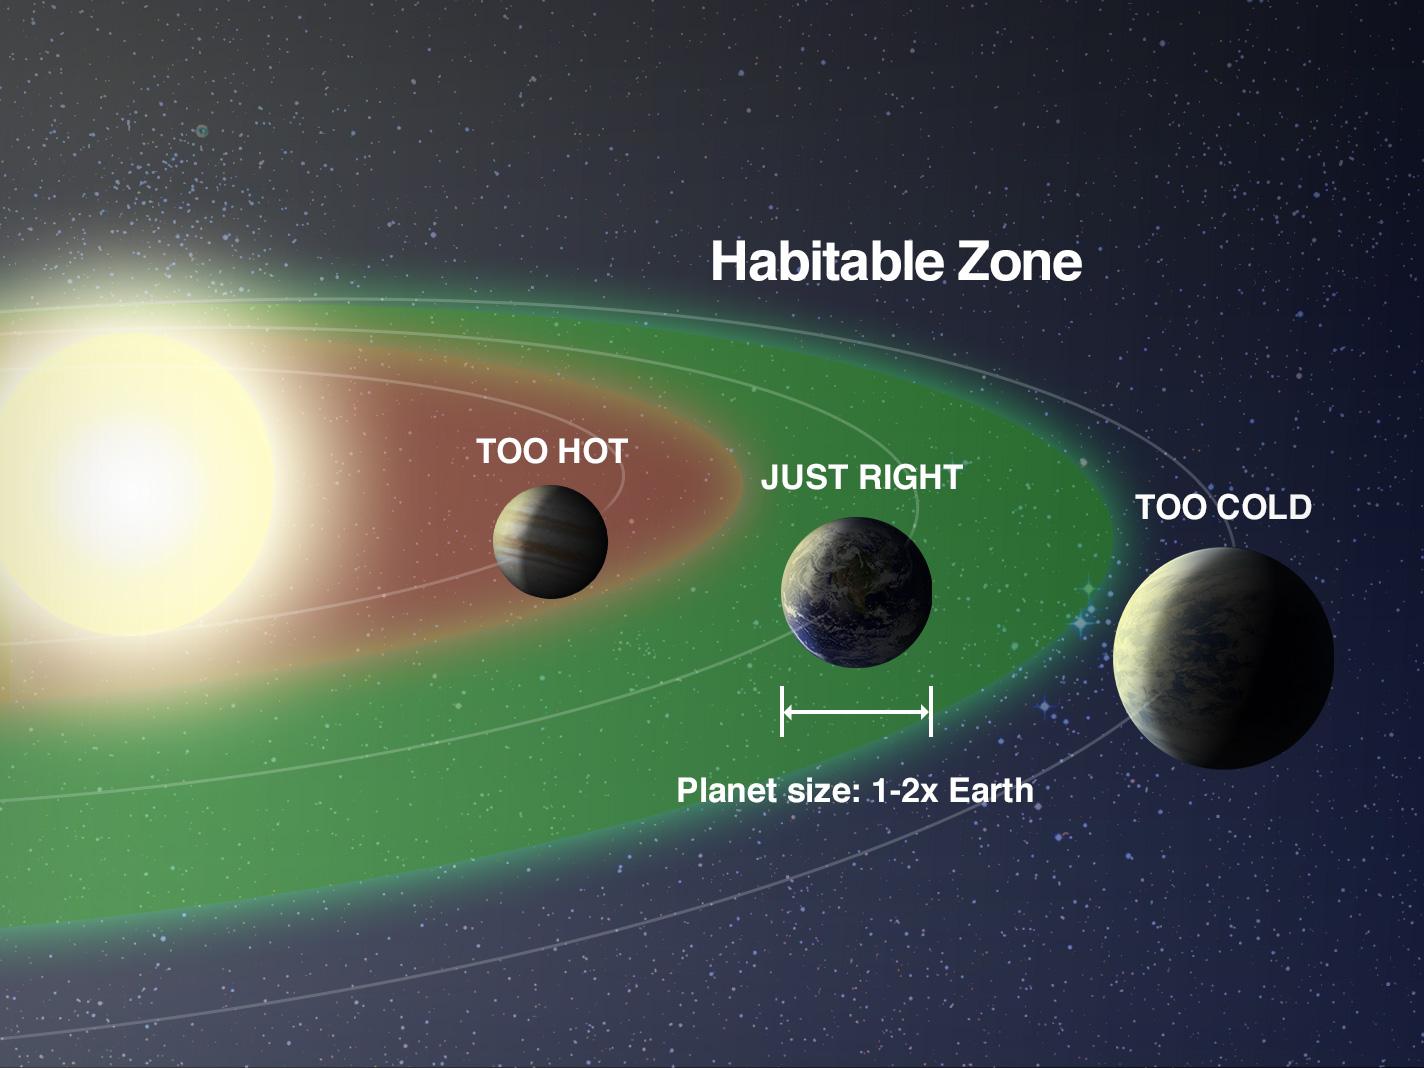 رسم يوضح المسافة المناسبة من النجوم لتكون كواكب خارجية صالحة للحياة، بحسب وكالة ناسا.